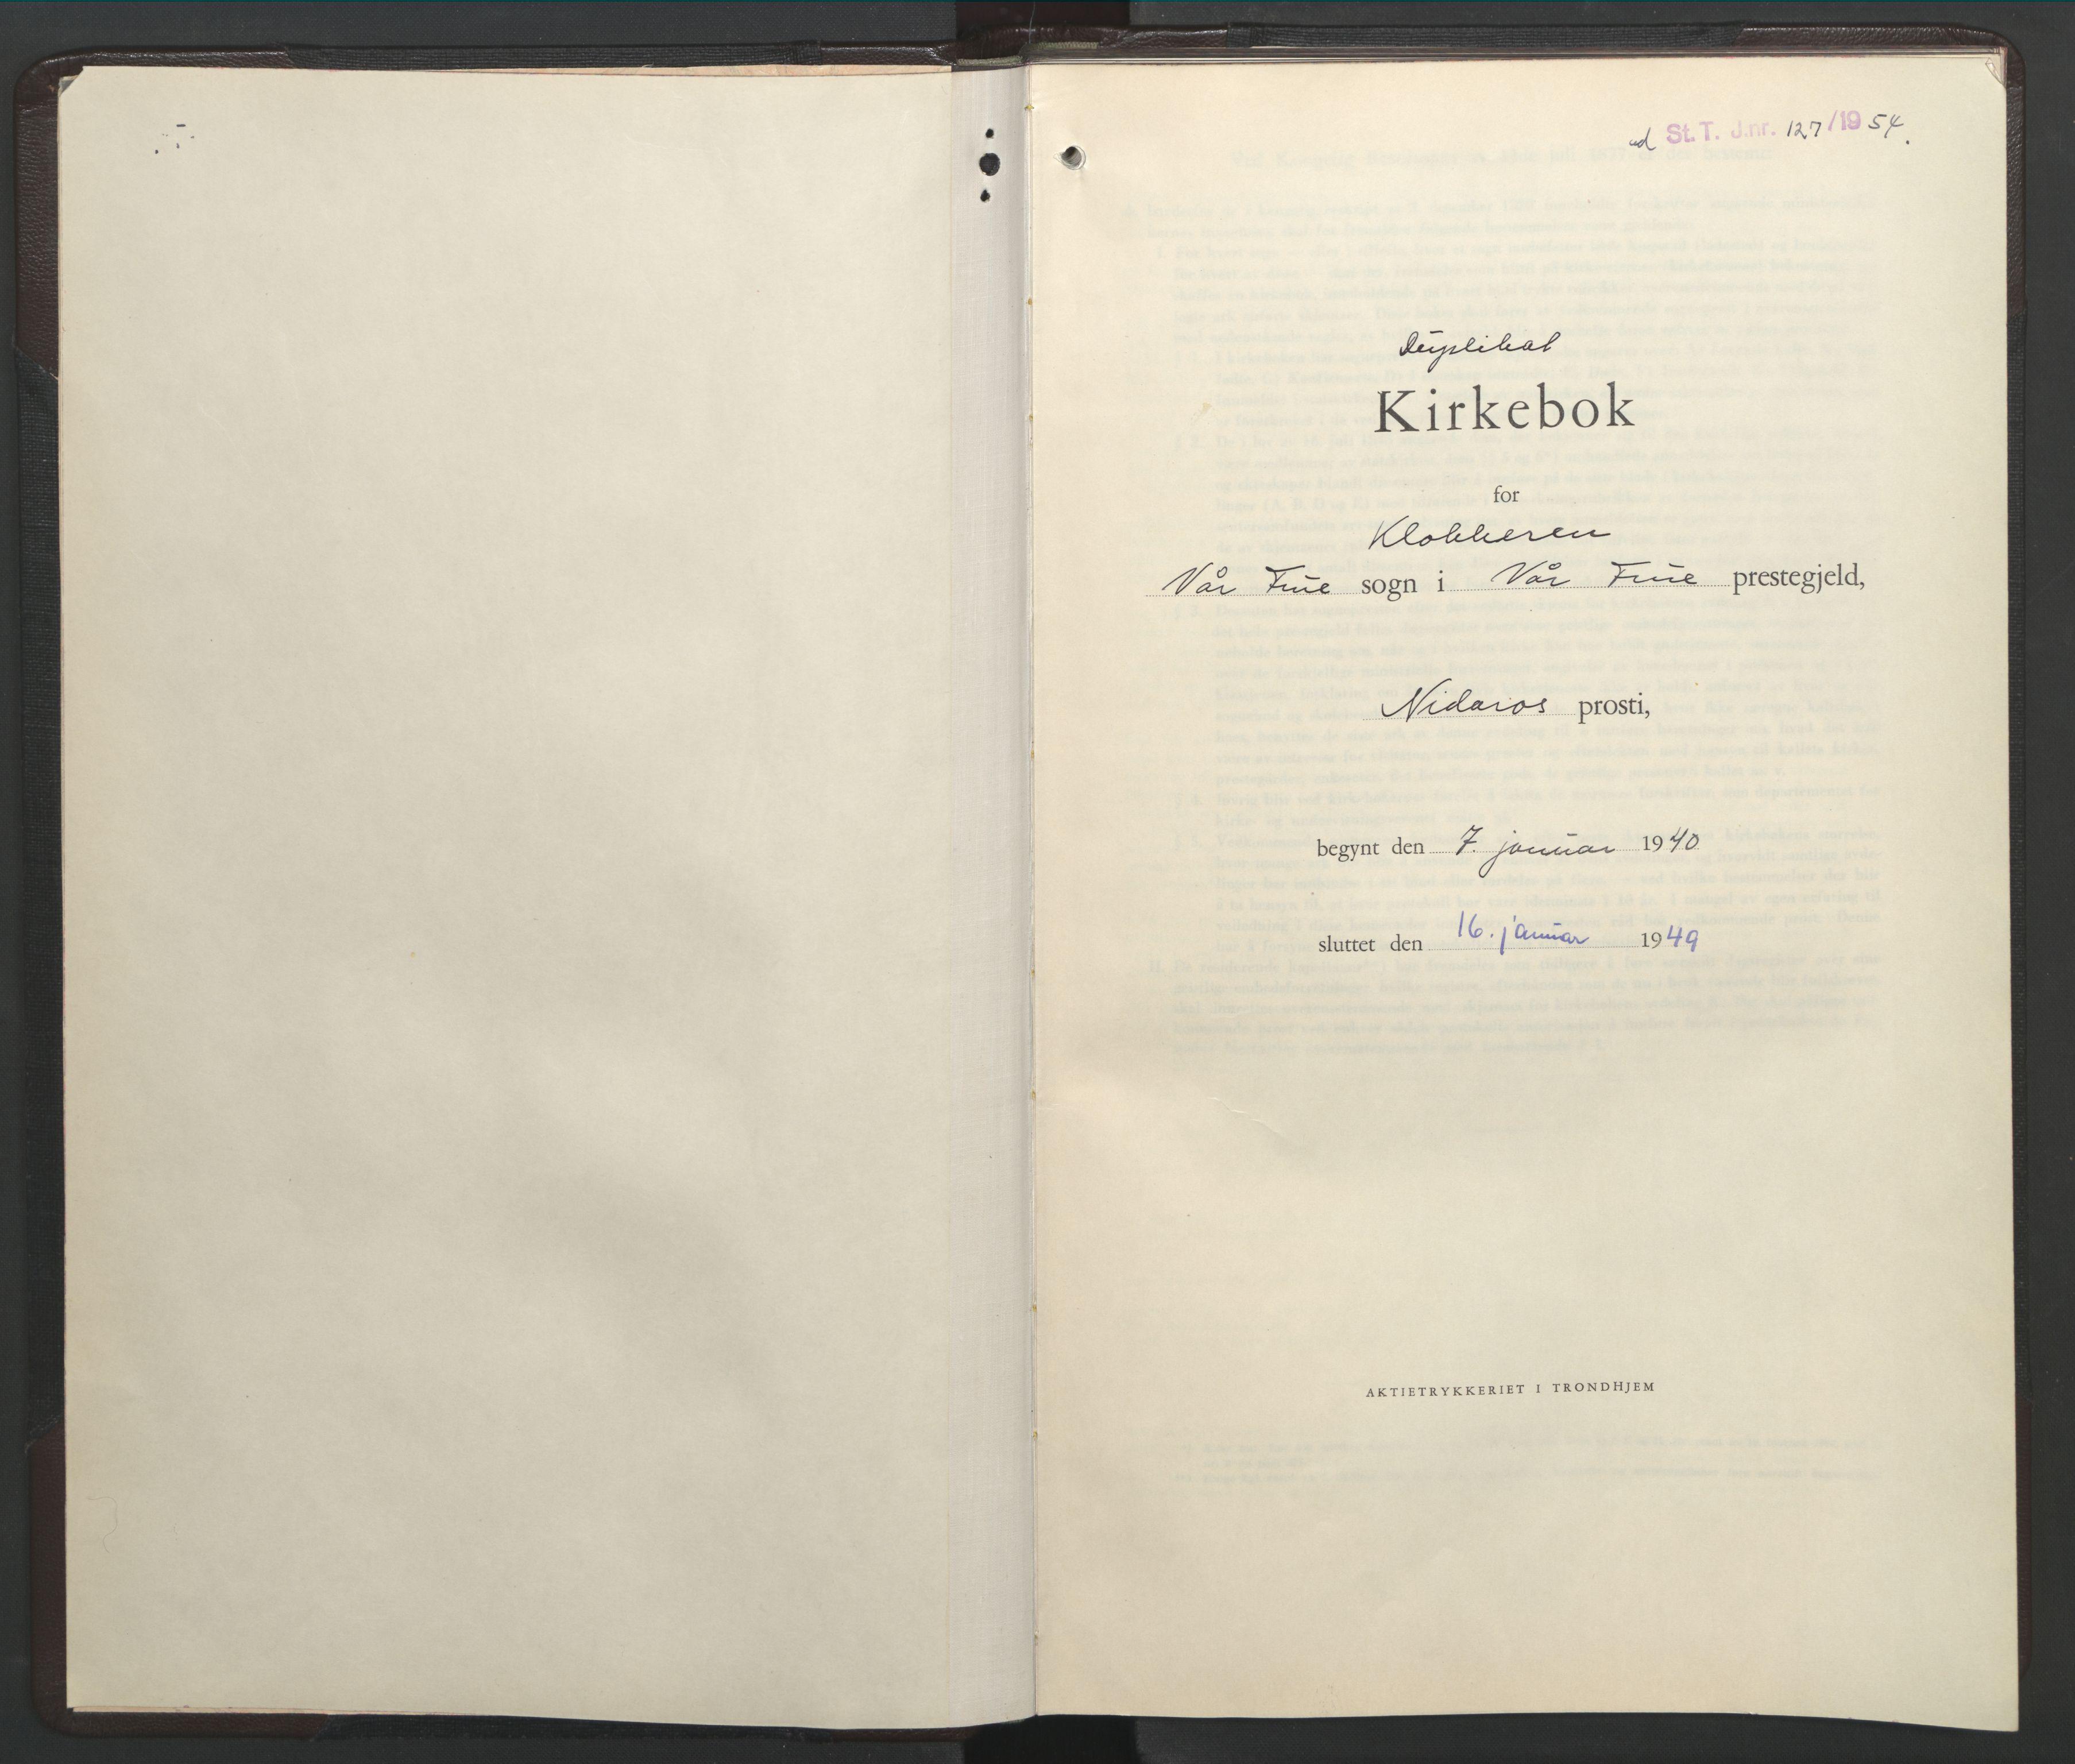 SAT, Ministerialprotokoller, klokkerbøker og fødselsregistre - Sør-Trøndelag, 602/L0153: Klokkerbok nr. 602C21, 1940-1949